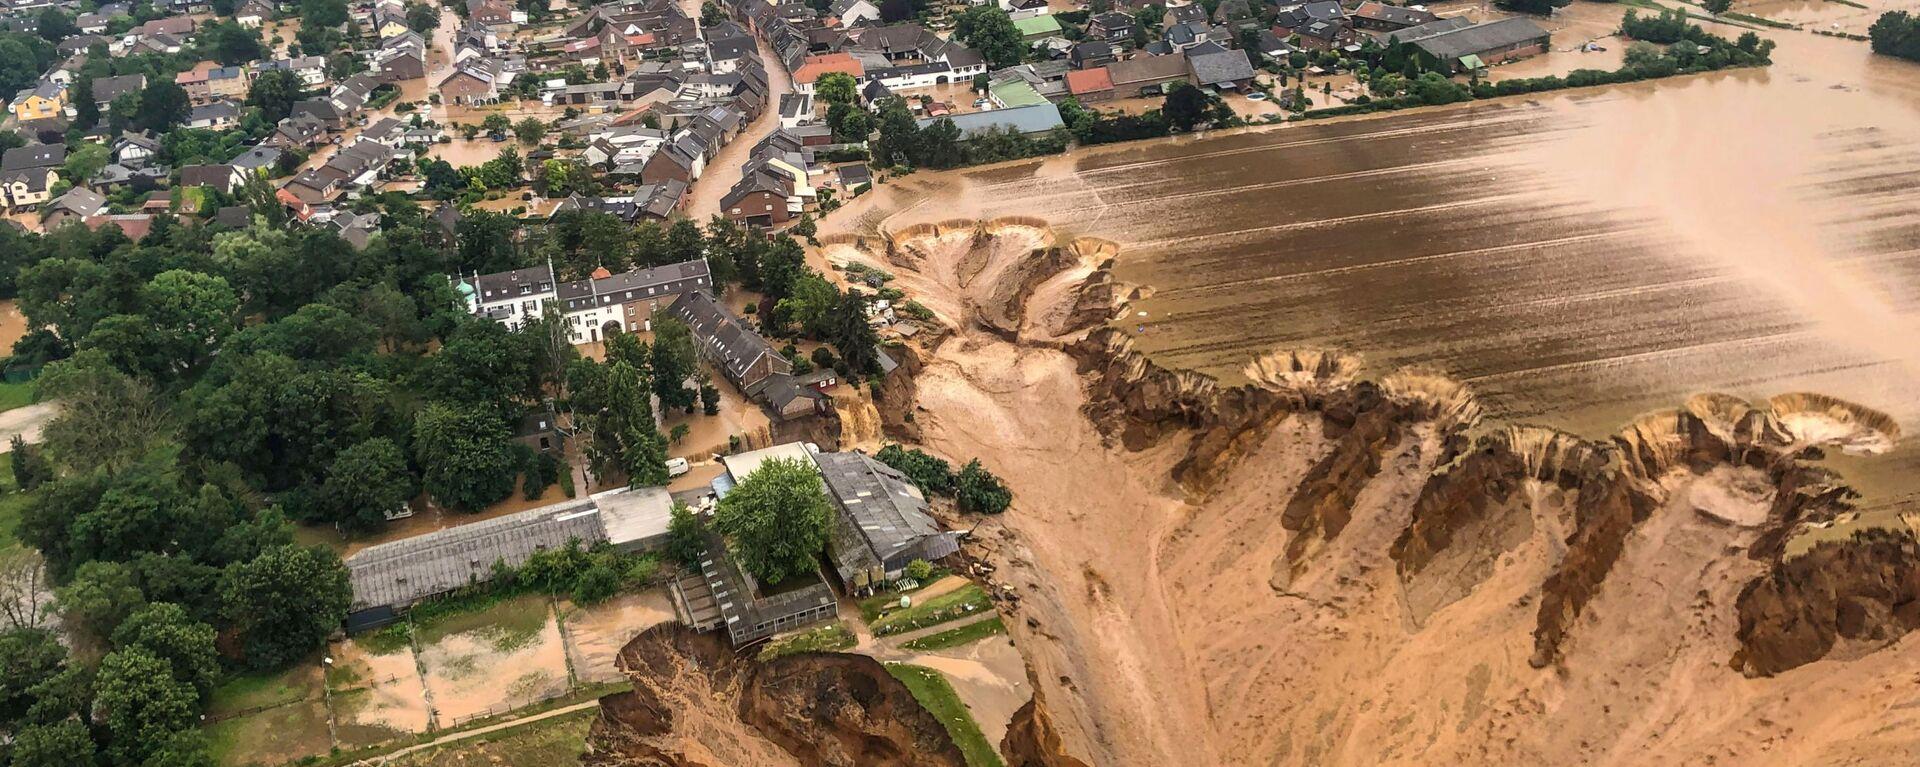 Площадь после наводнения в Эрфтштадт-Блессеме, Германия - Sputnik Mundo, 1920, 16.07.2021